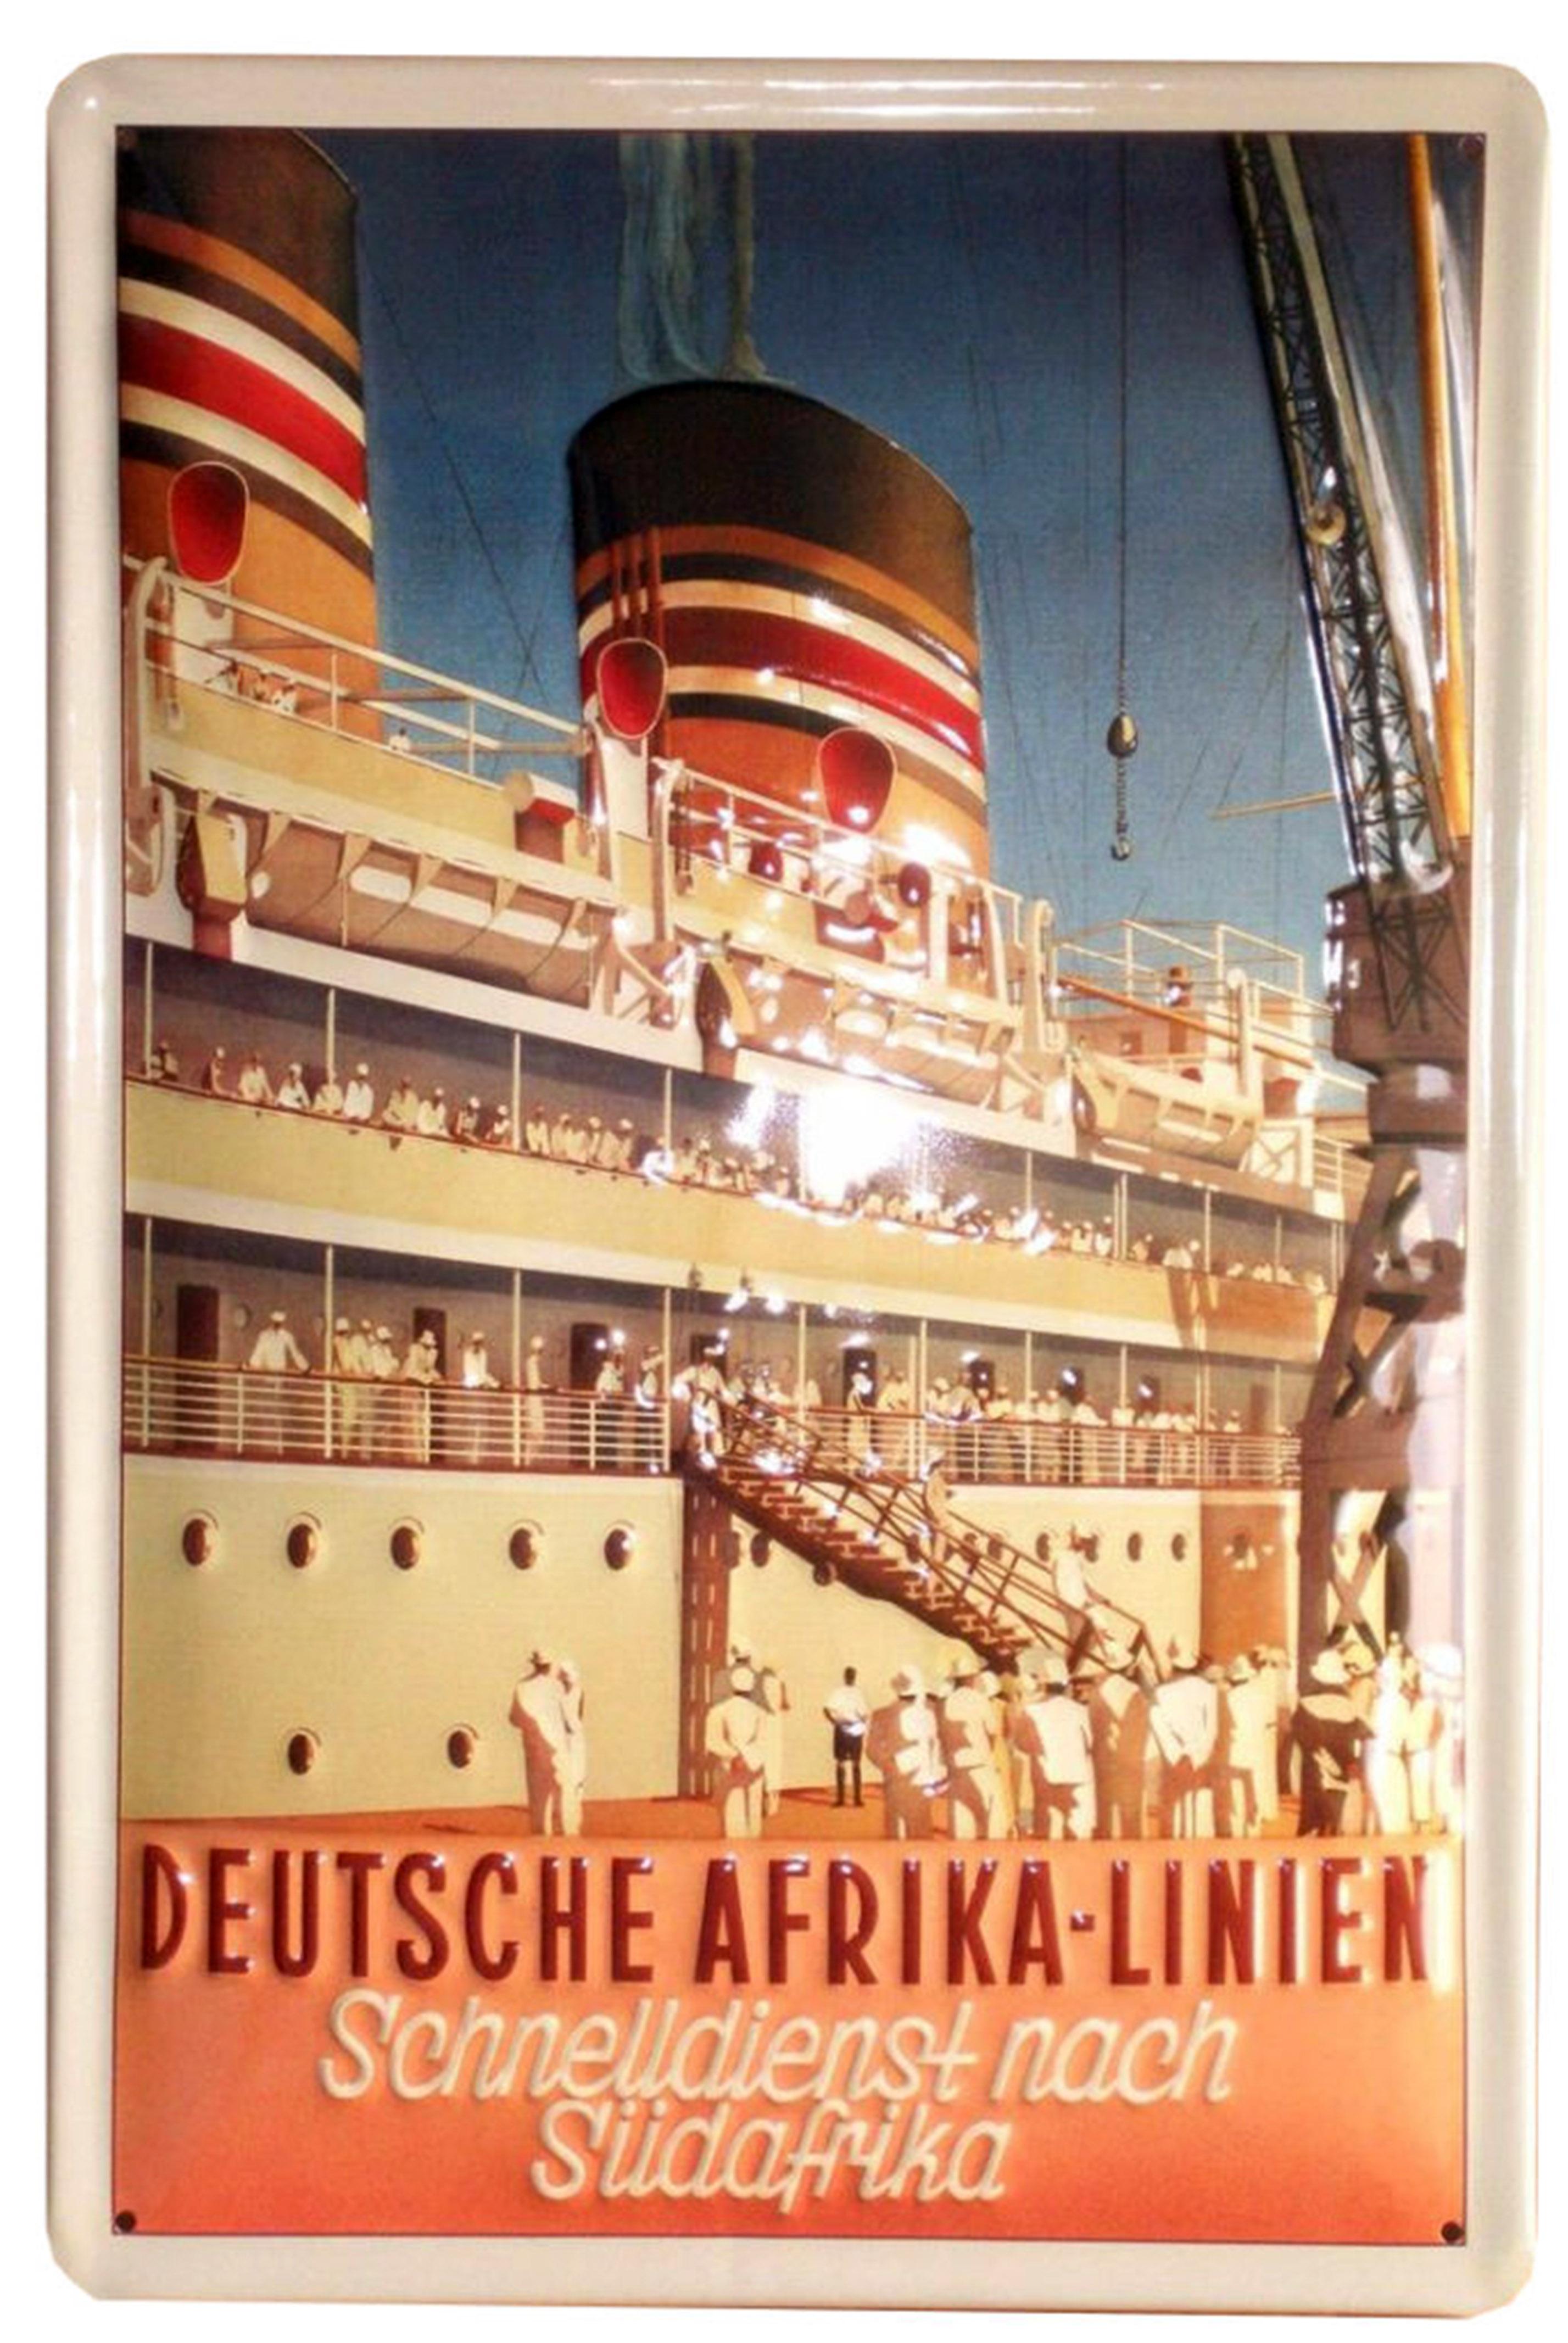 Pôster do Windhuk na Alemanha. (Fonte: Blog Memória Santista/Reprodução)